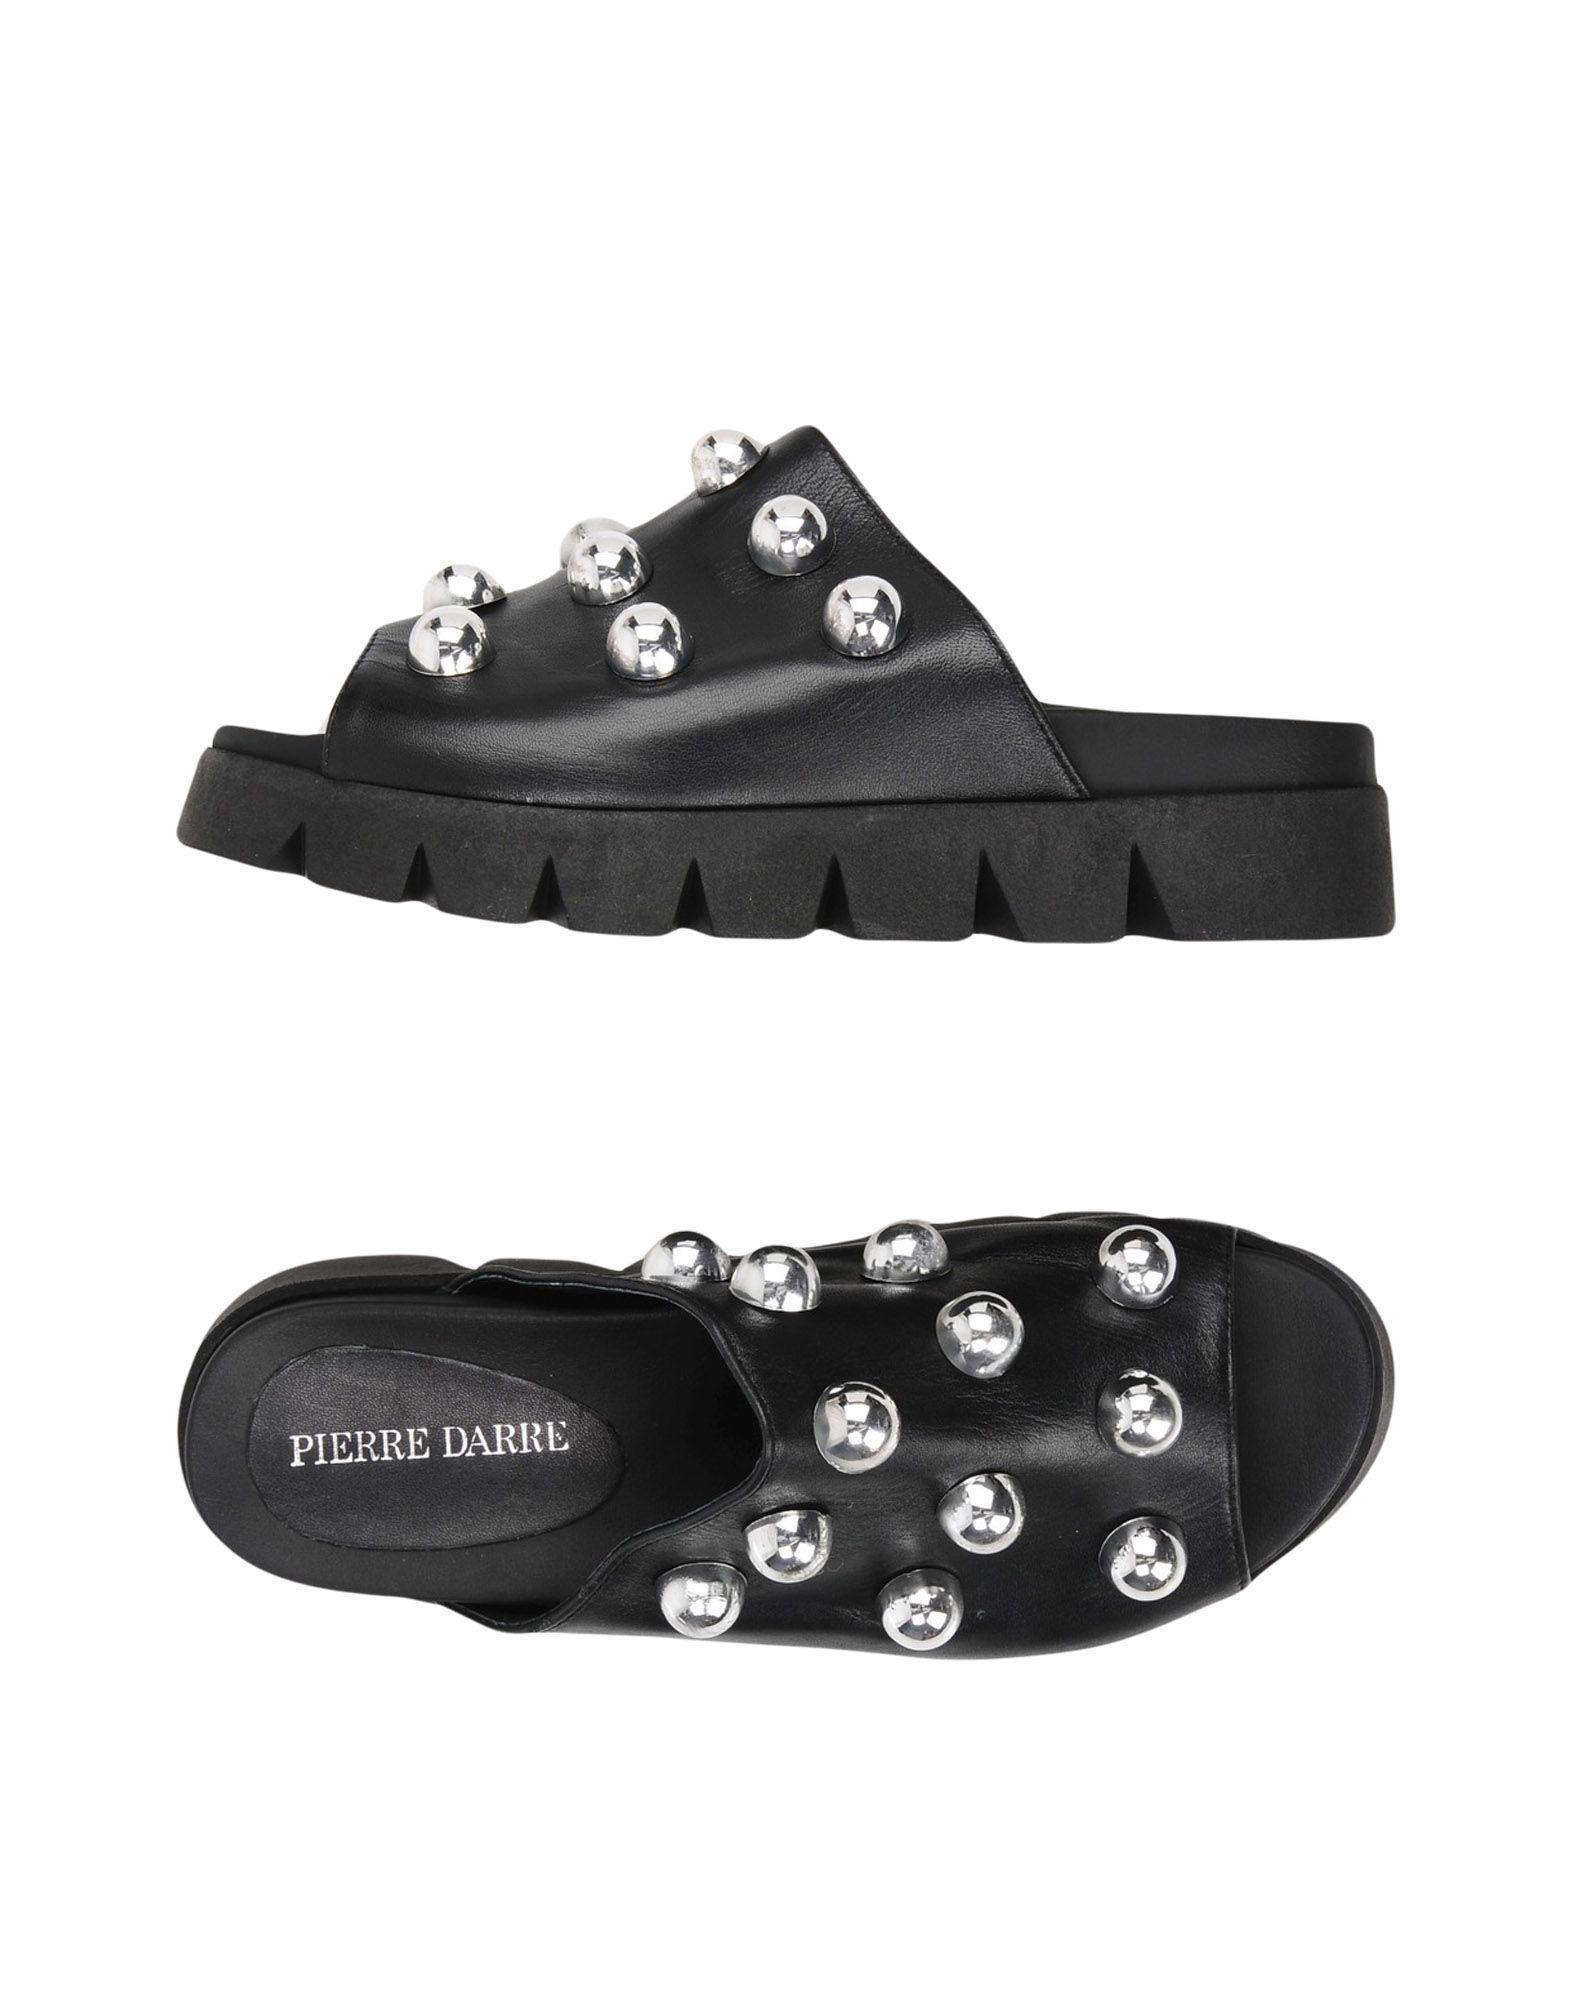 Pierre Darré Gute Sandalen Damen  11450994FC Gute Darré Qualität beliebte Schuhe 369907